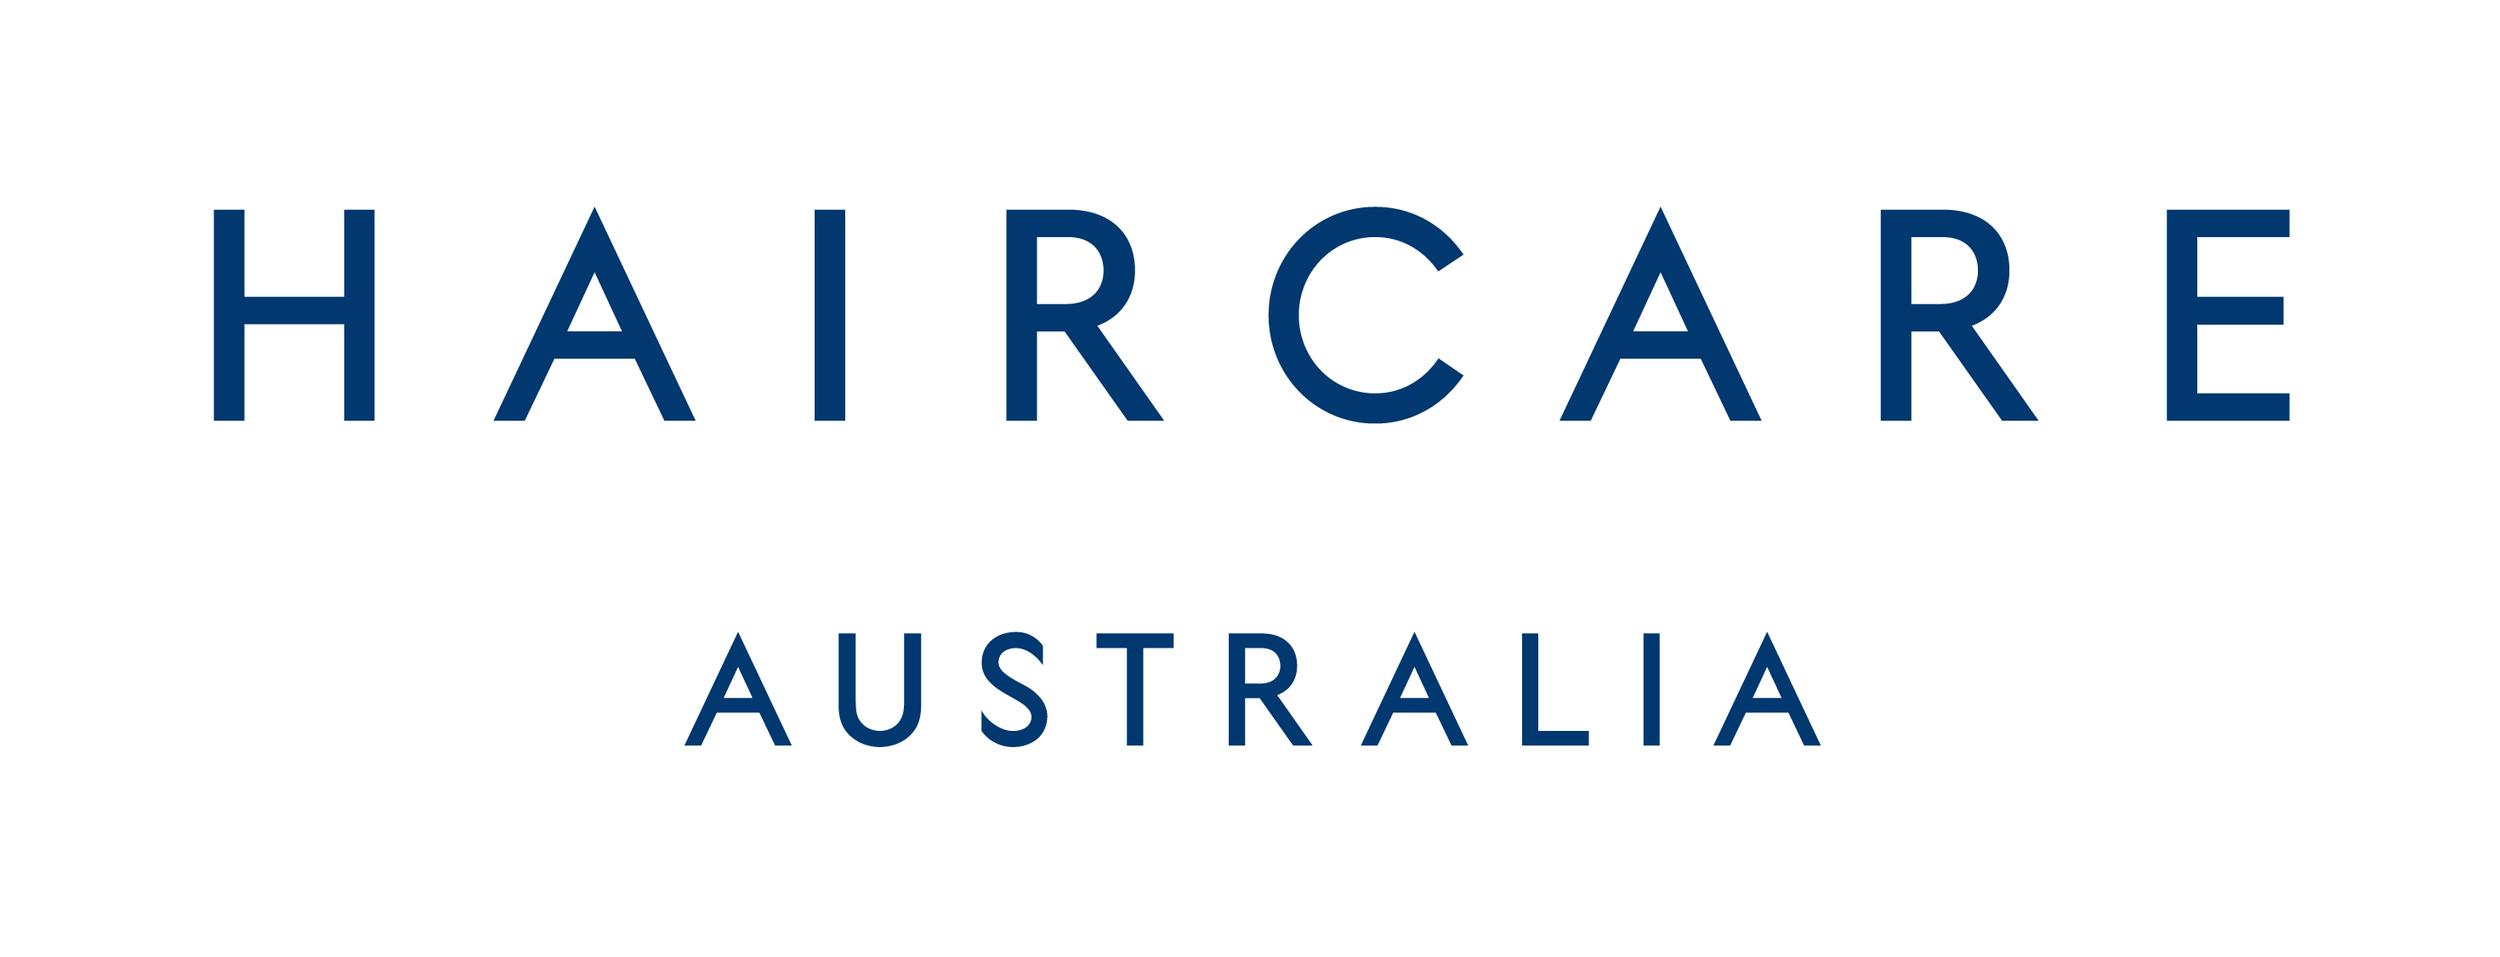 Haircare_Australia.png